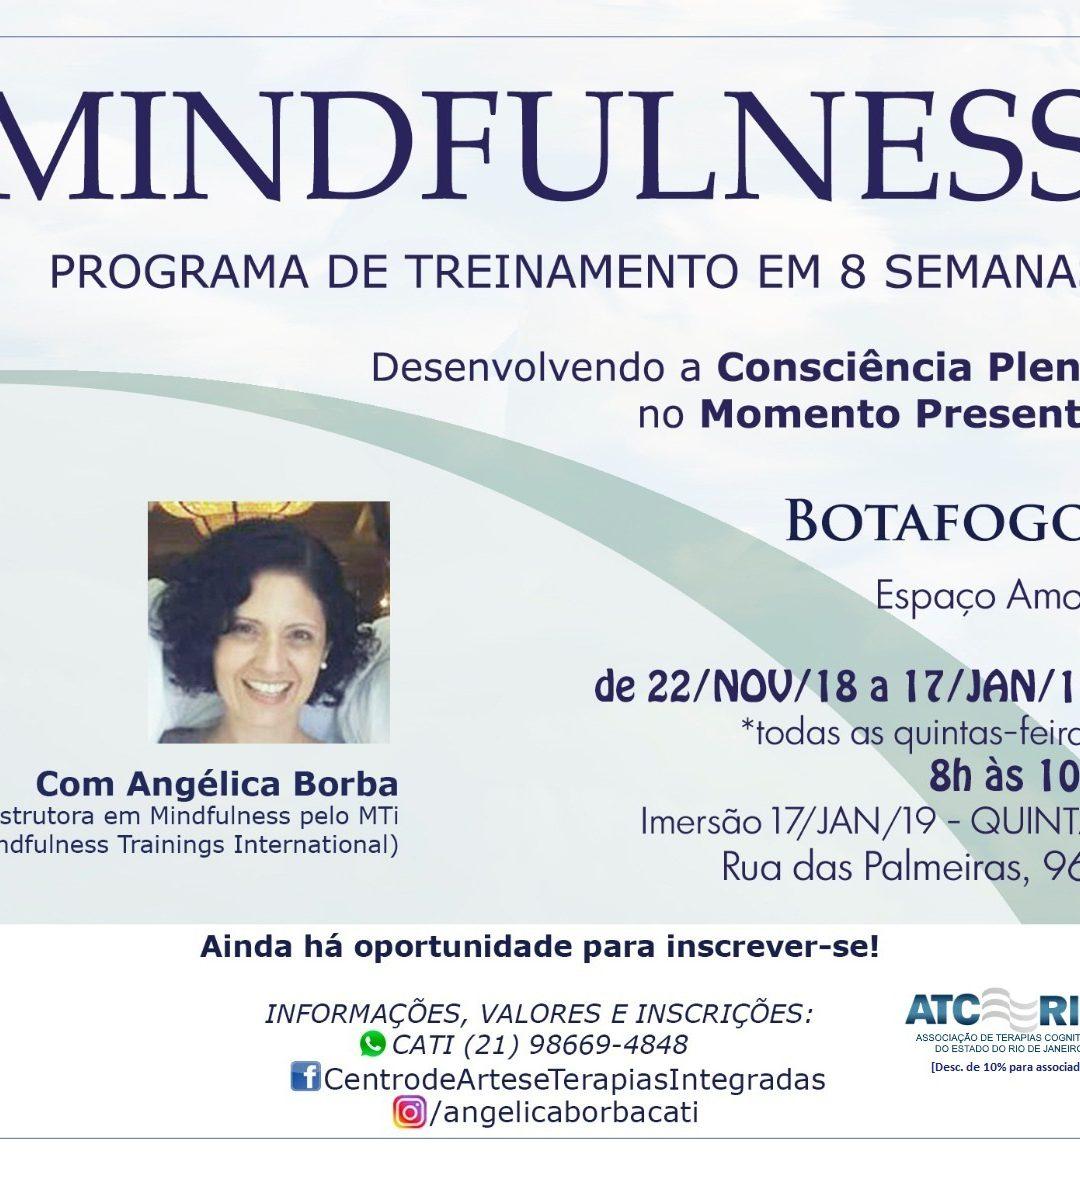 Mindfulness: Programa de Treinamento | 8 semanas